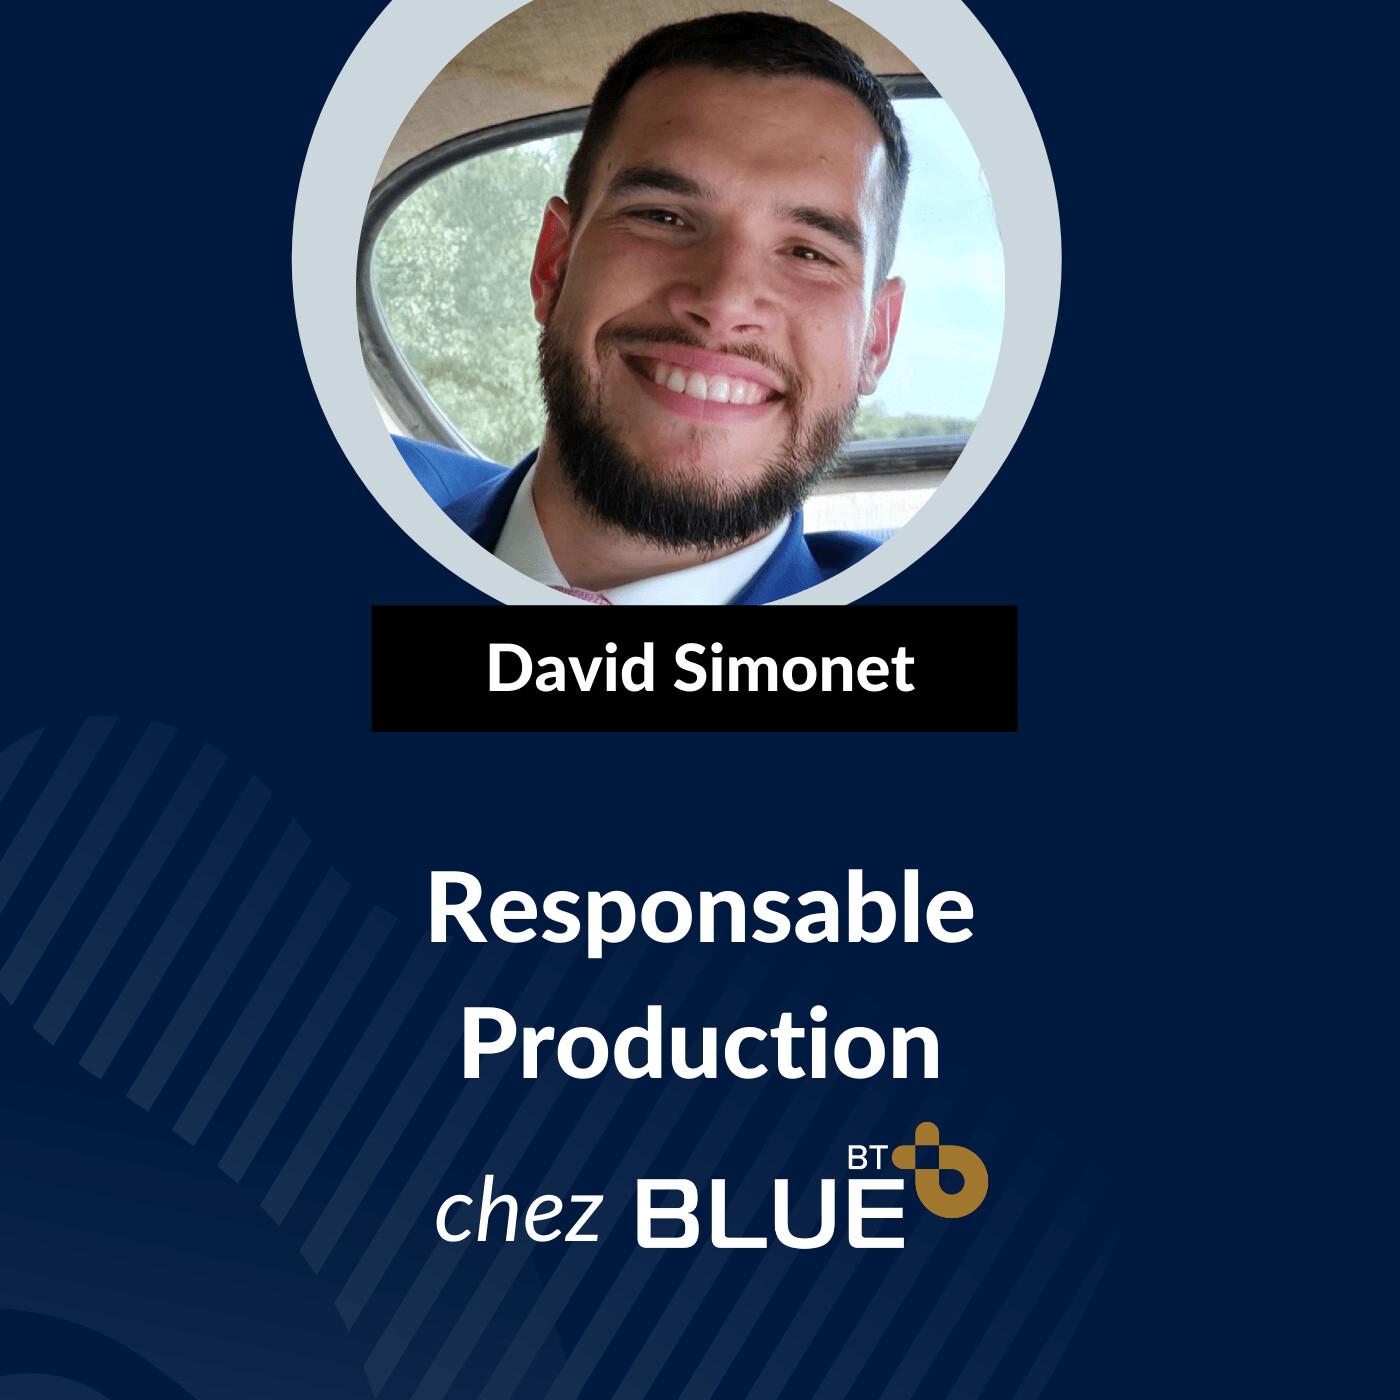 Les Coolisses by BLUE - Responsable Production - David Simonet